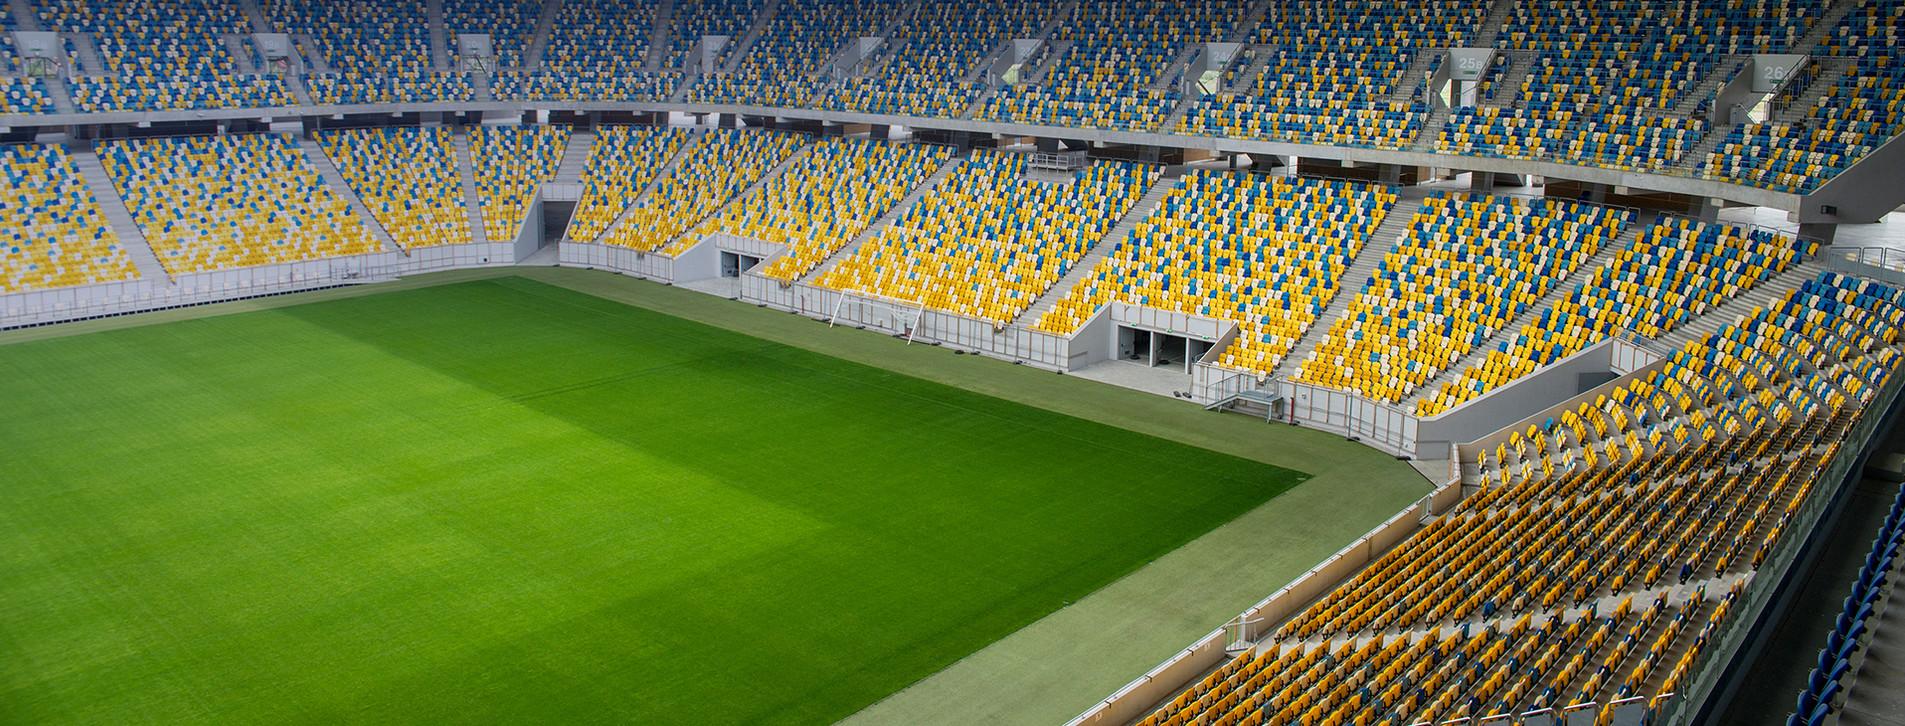 Фото 1 - Экскурсия на стадион «Арена Львов» для компании